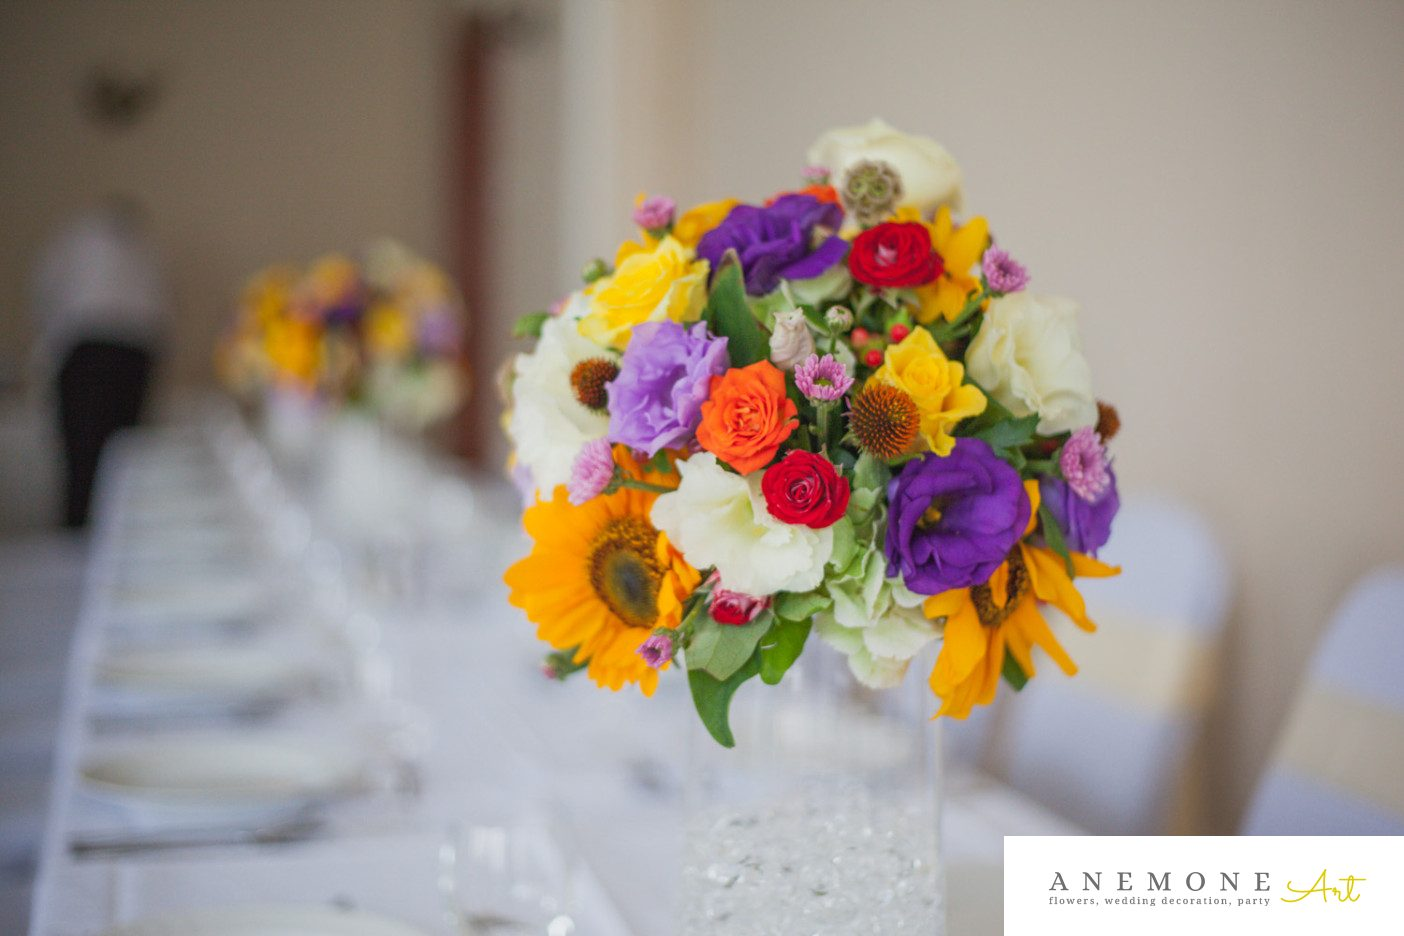 Poza, foto cu Flori de nunta decor masa, floarea soarelui, multicolor in Arad, Timisoara, Oradea (wedding flowers, bouquets) nunta Arad, Timisoara, Oradea